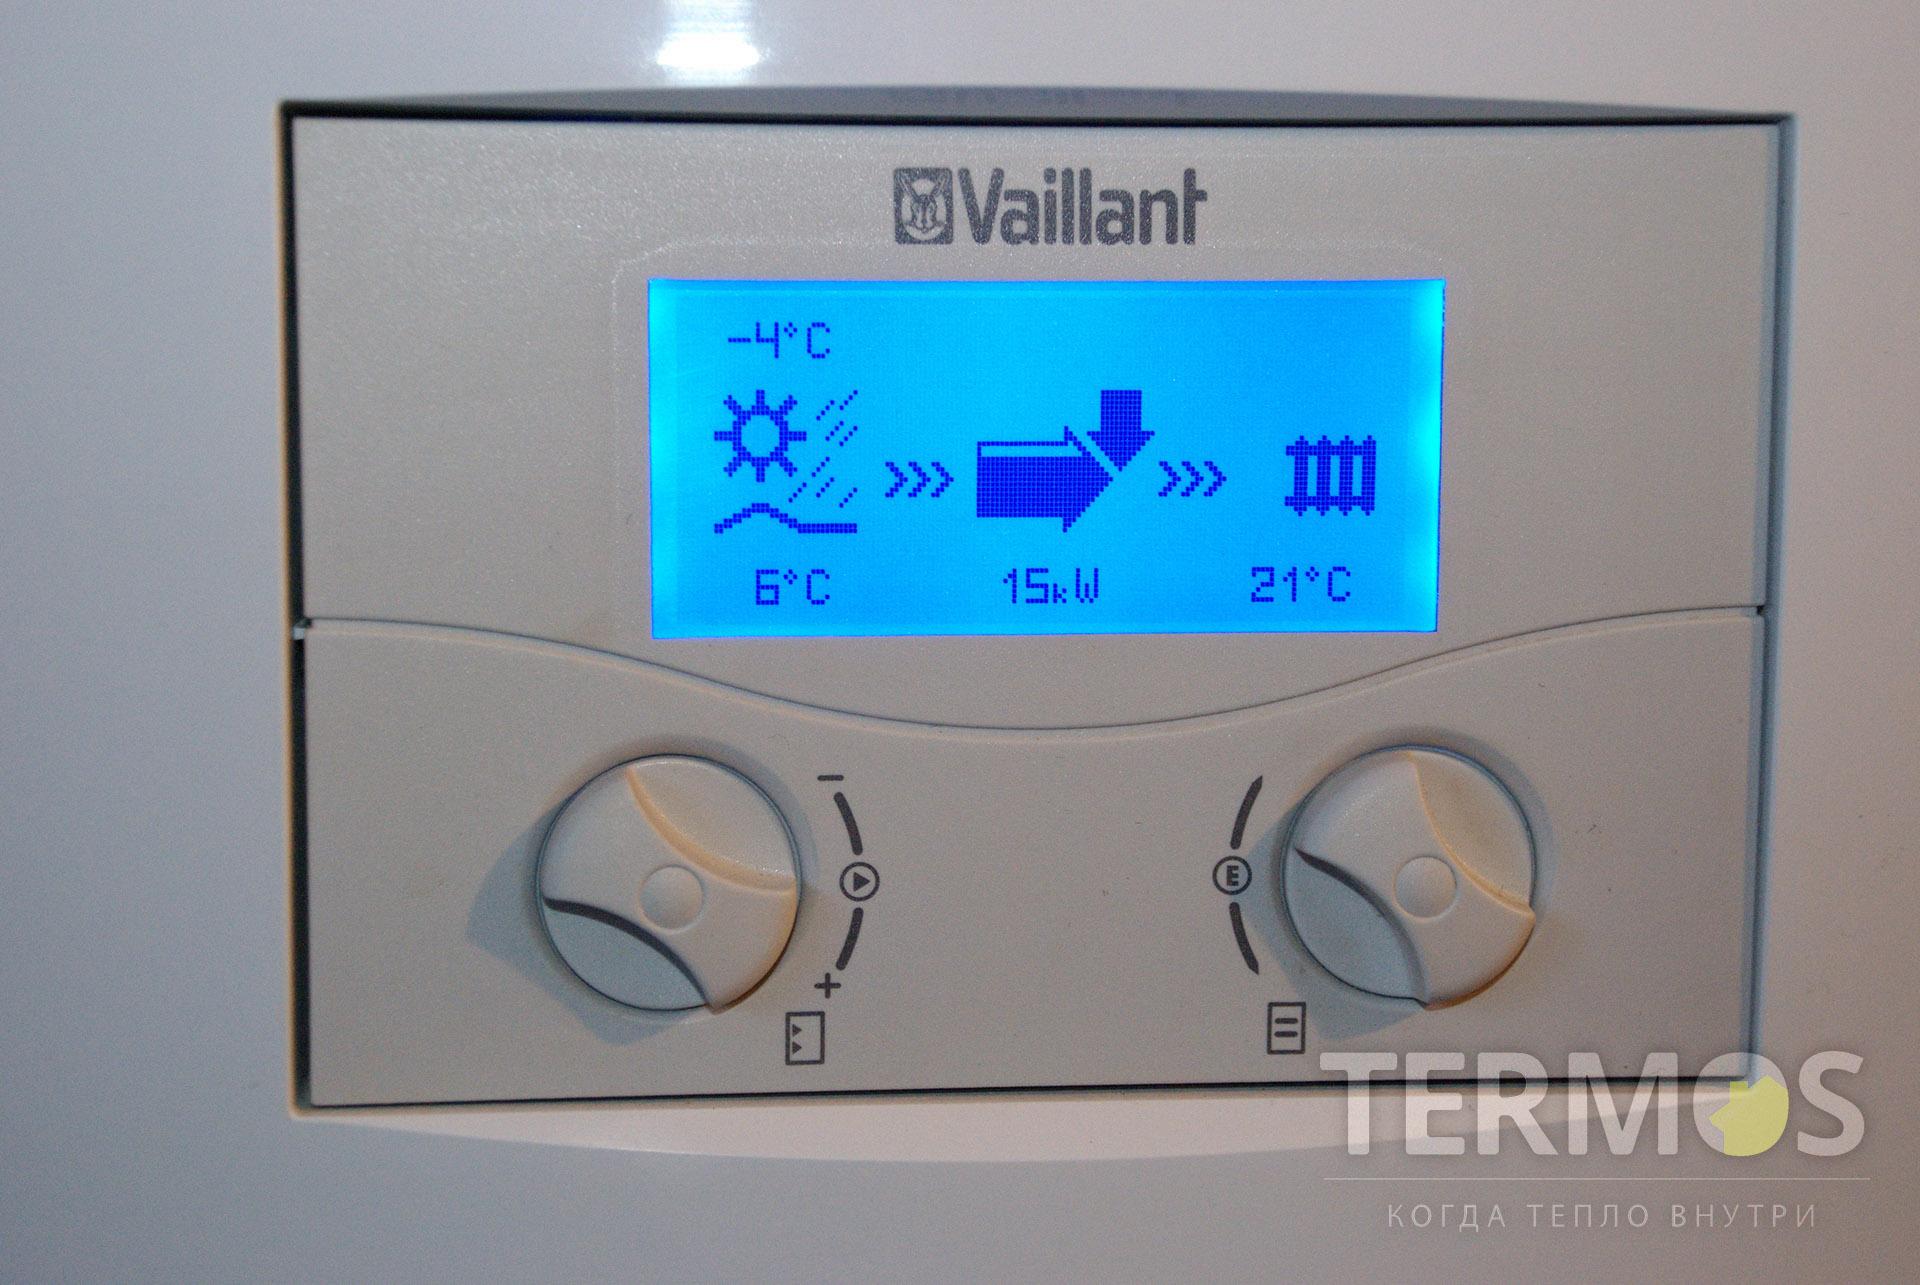 2008 год, Васильков. Дом 600 м кв. Автоматика управления геотермальными тепловыми насосами Vaillant